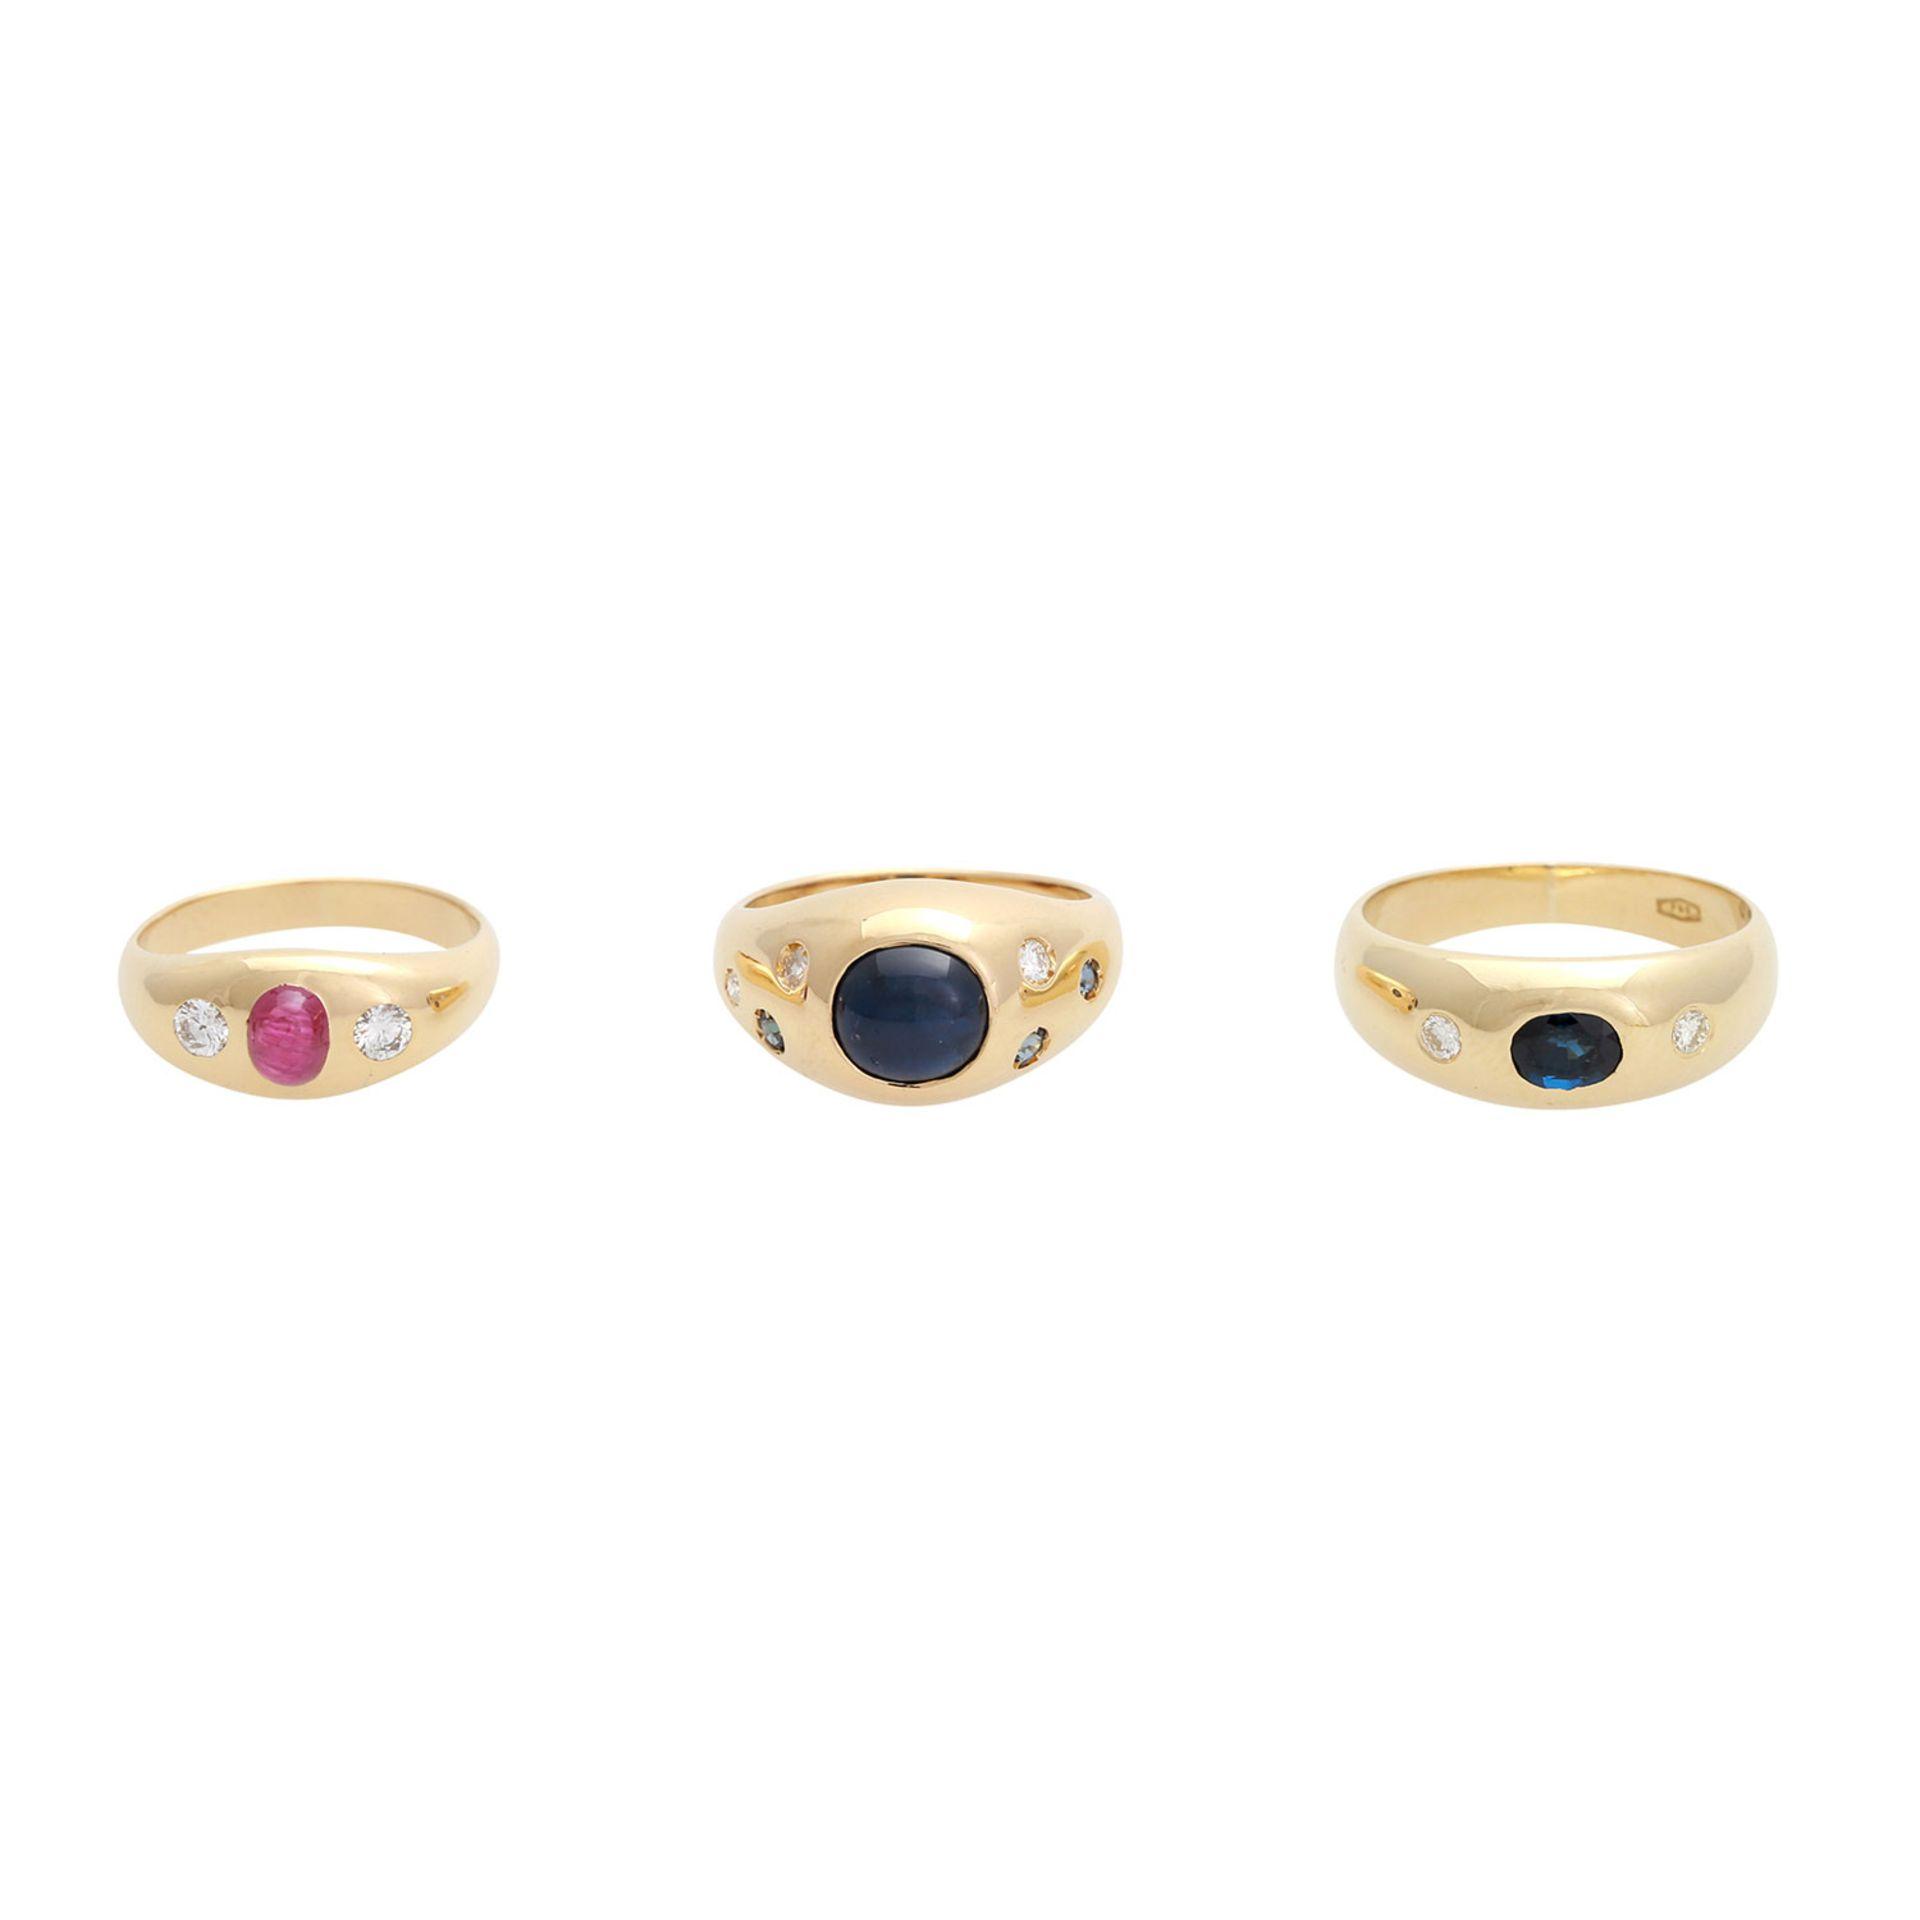 Los 5 - Schmuckkonvolut 8-teilig, Händlerkonvolut bestehend aus 8 Ringen mit Diamant- und Steinbesatz, 1x